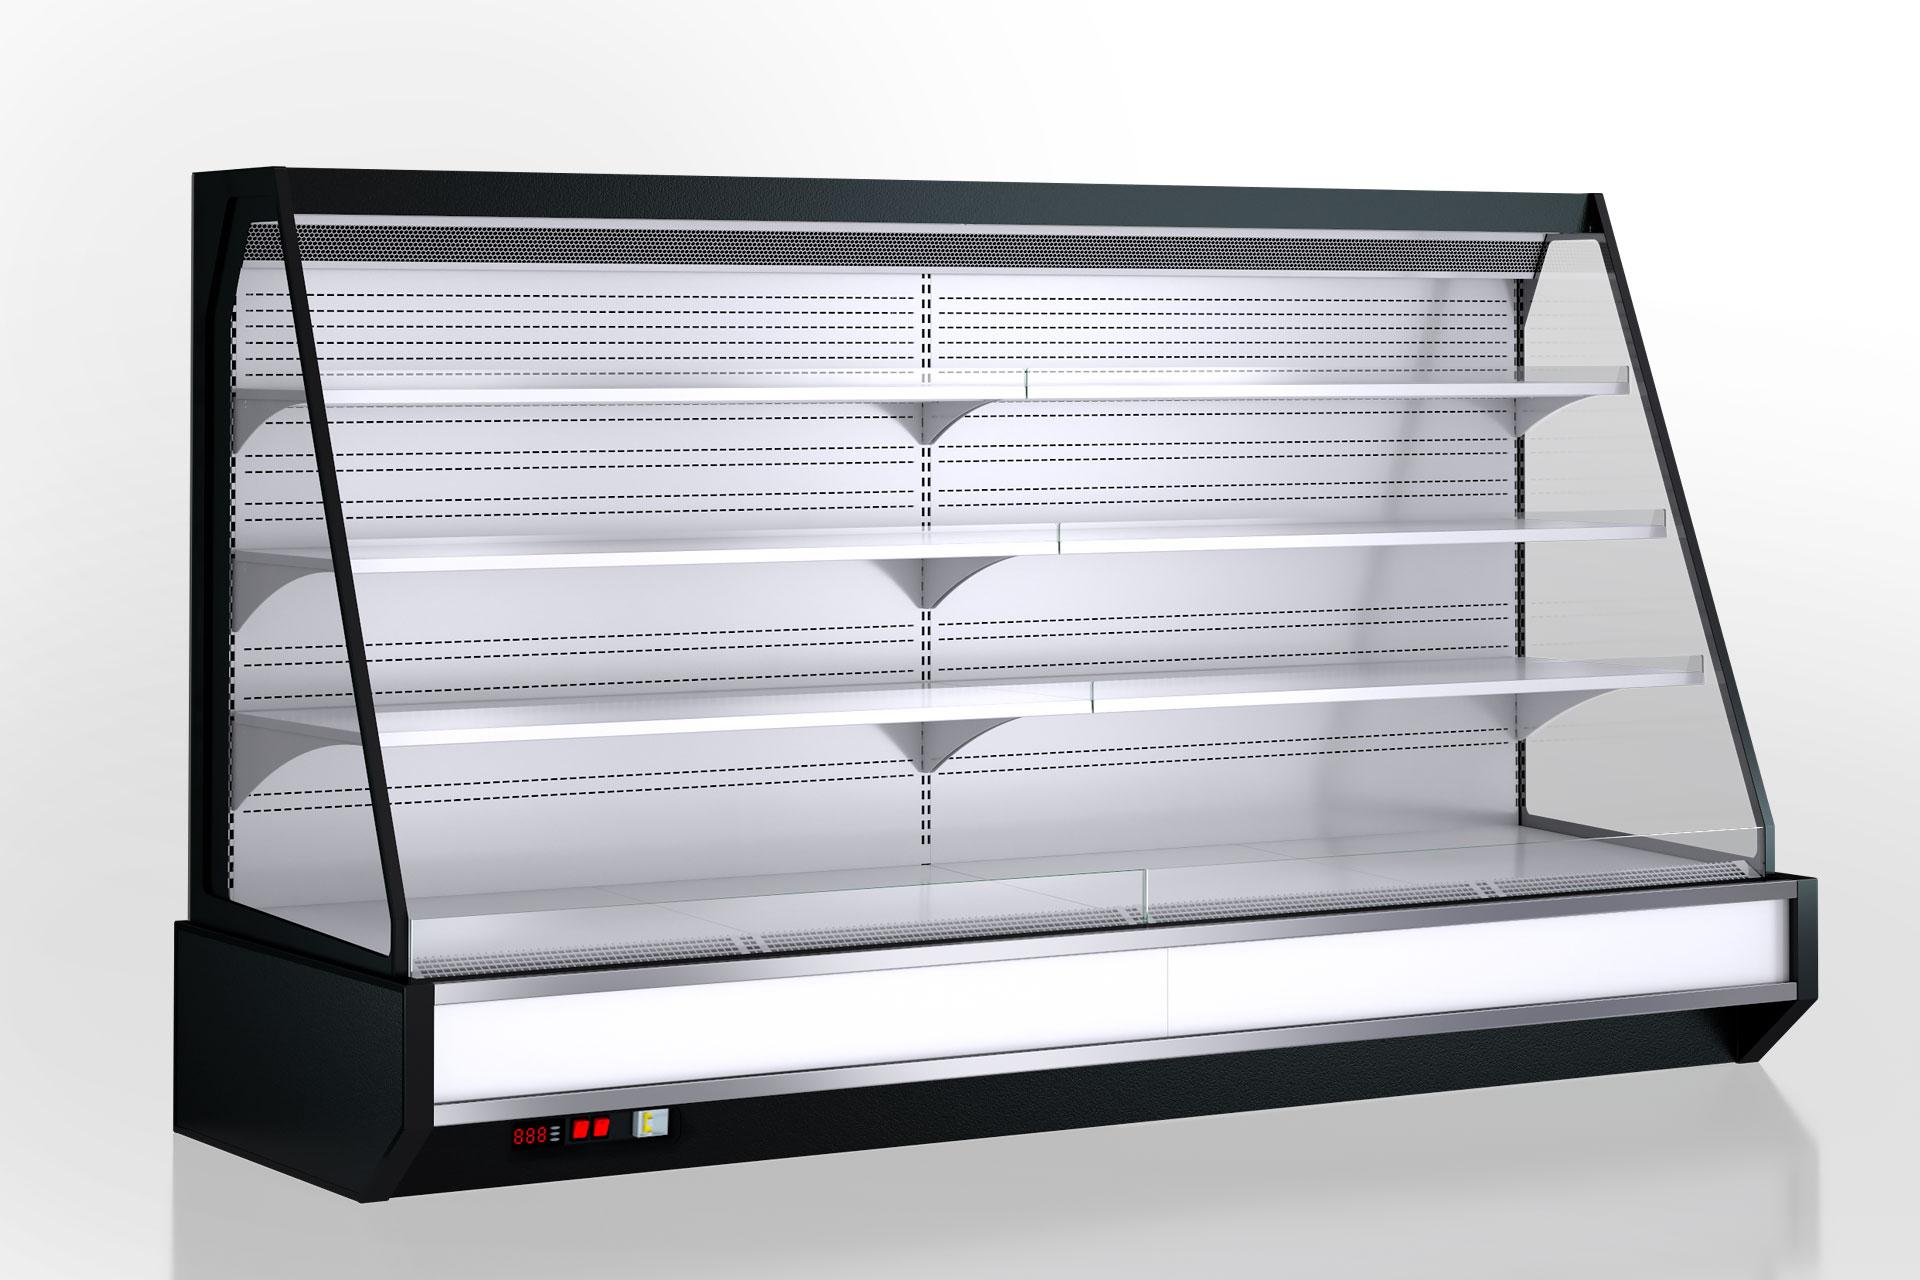 Холодильнные полувертикальные витрины Мissouri cold diamond island MV 087 deli self 150-DLM